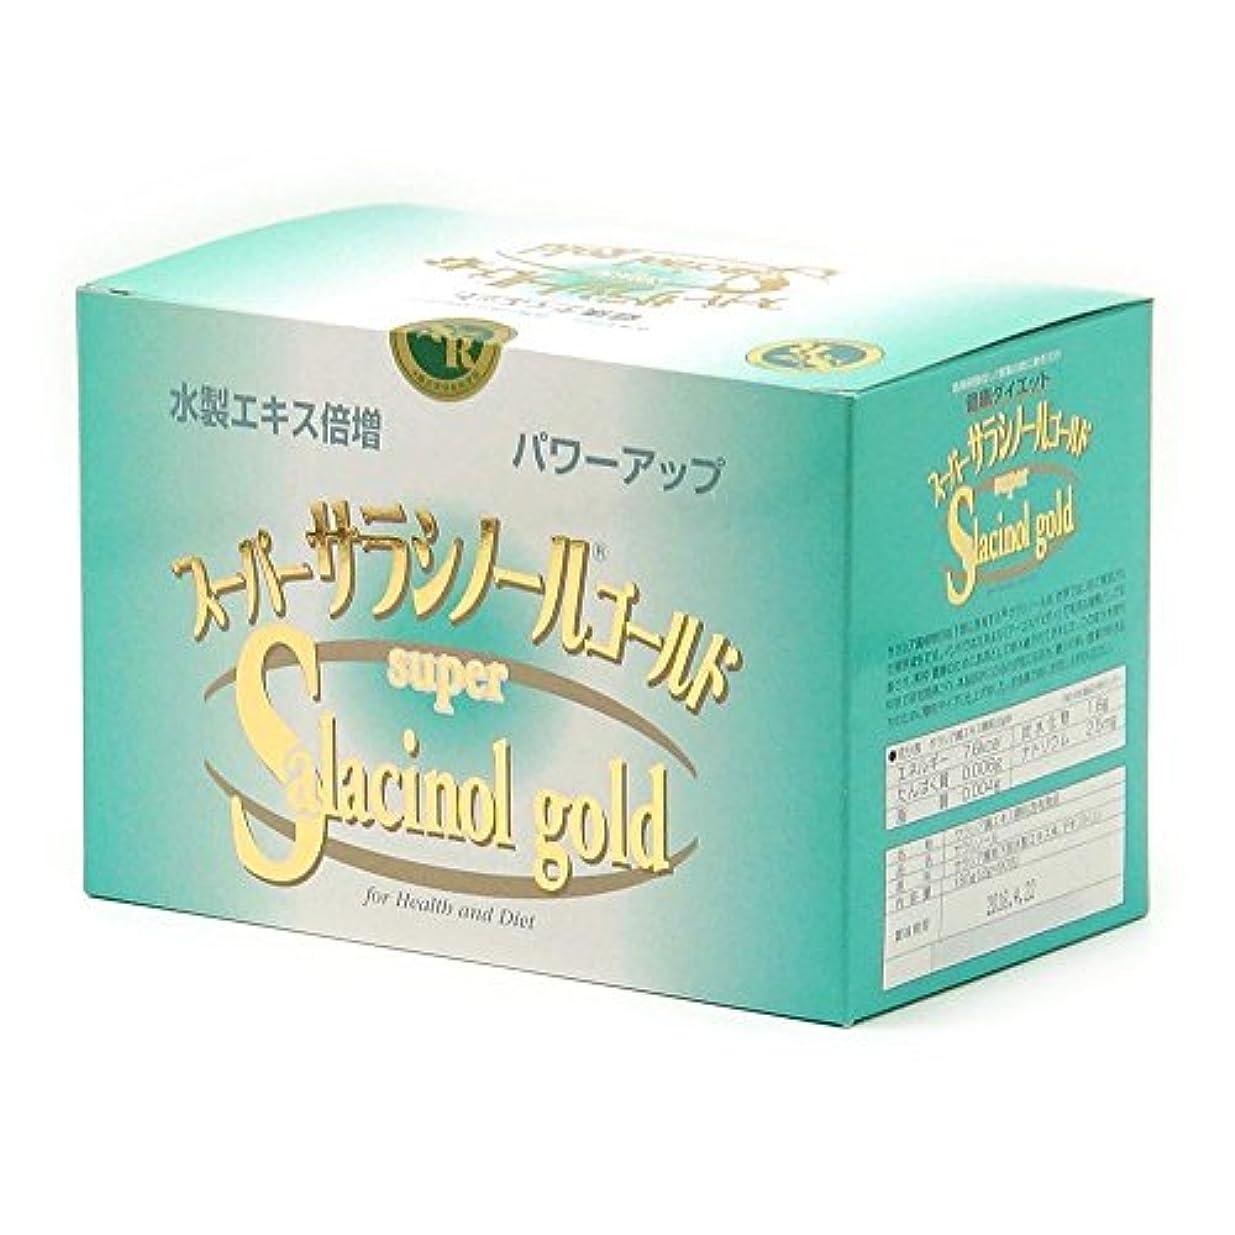 誤解を招くヘッドレス半ばスーパーサラシノールゴールド 2g×90包×3箱セット